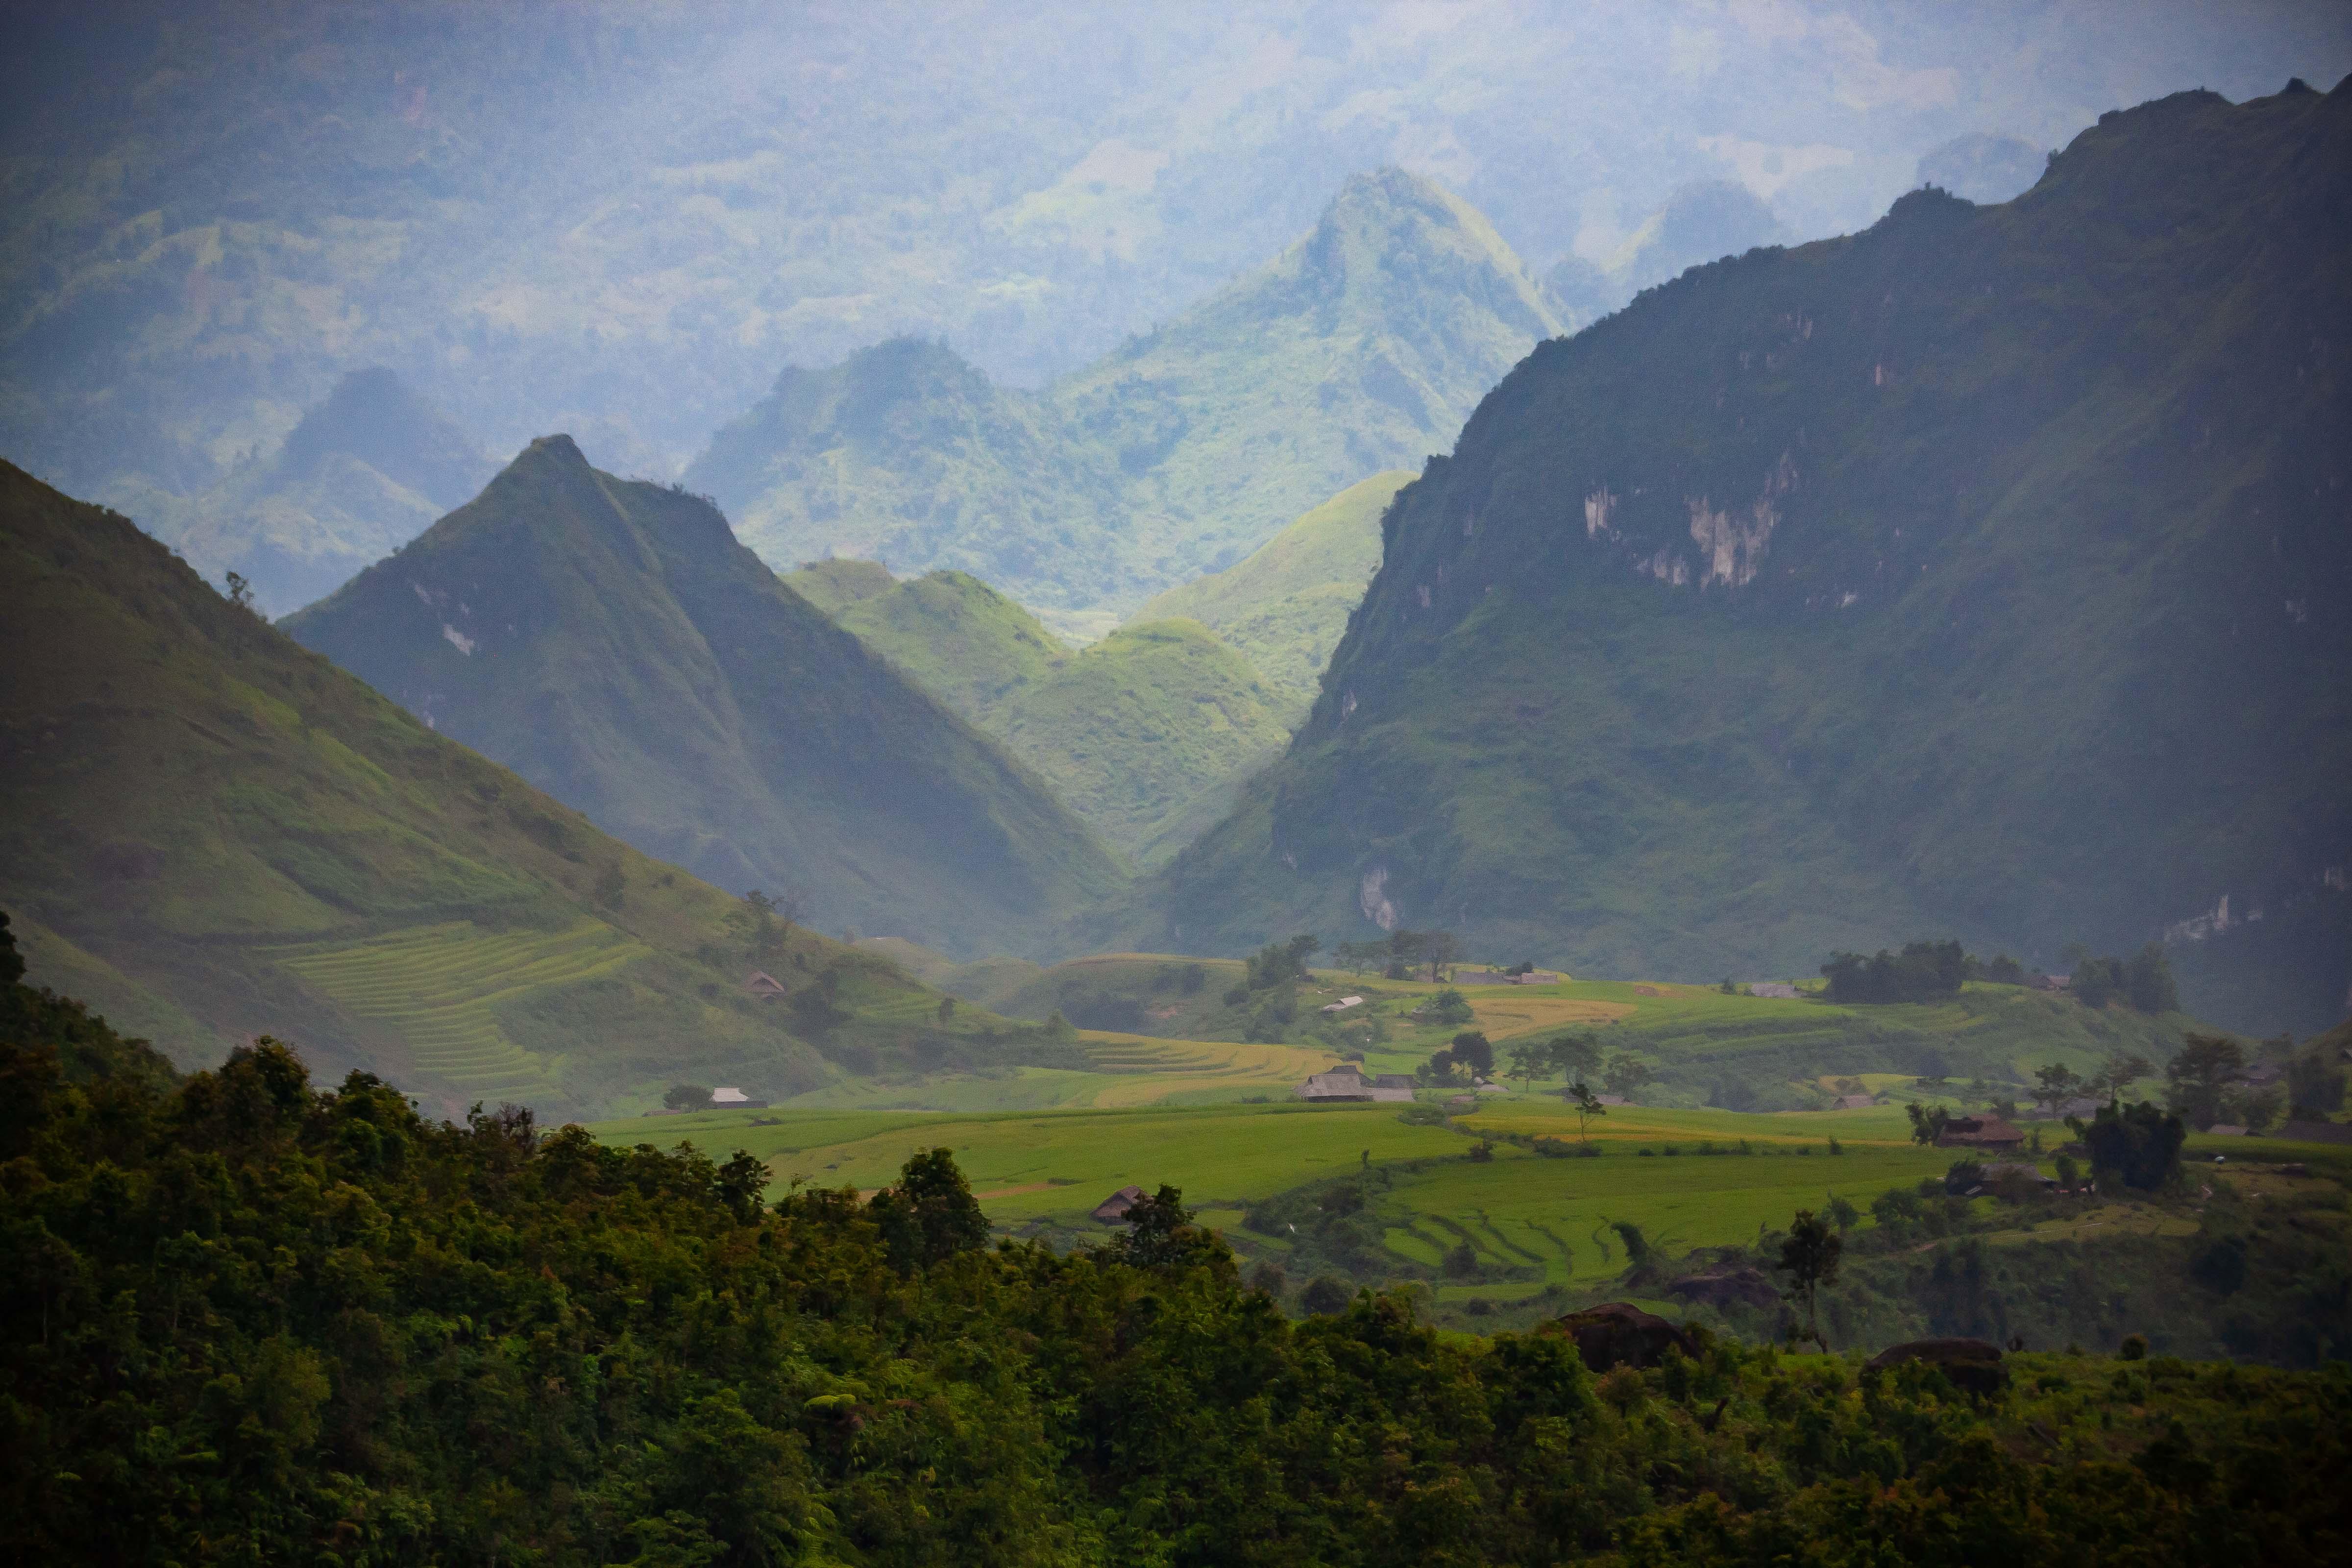 Vietnam, Lai Chau Prov, Hazy Valley, 2008, IMG 8239